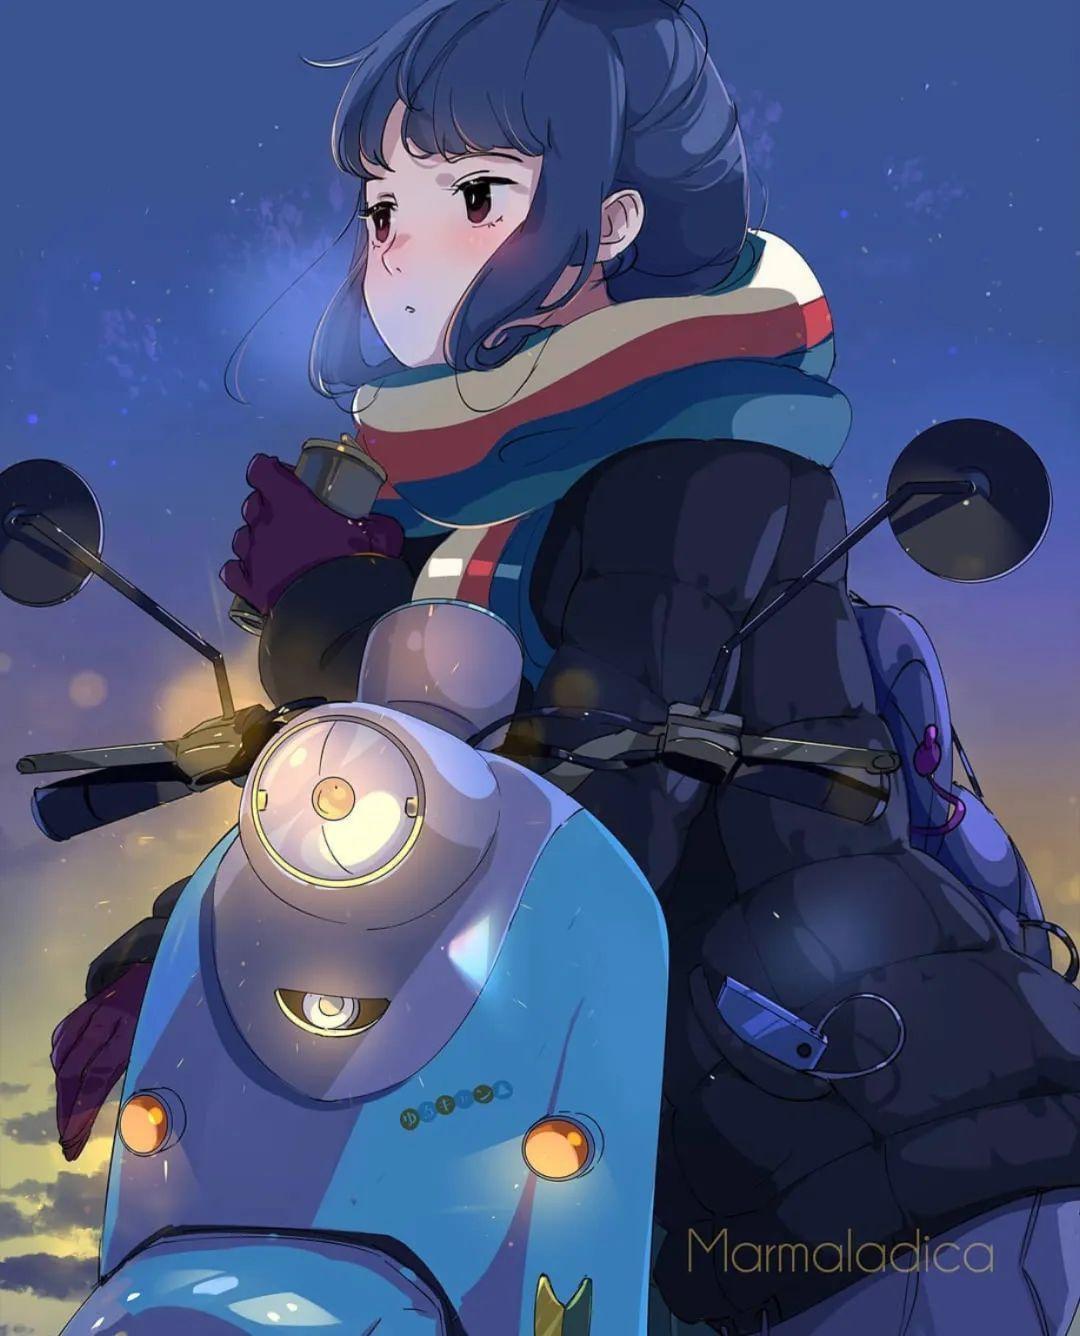 5月8日,二次元动漫女孩美图!骑摩托的少女_图片 No.4